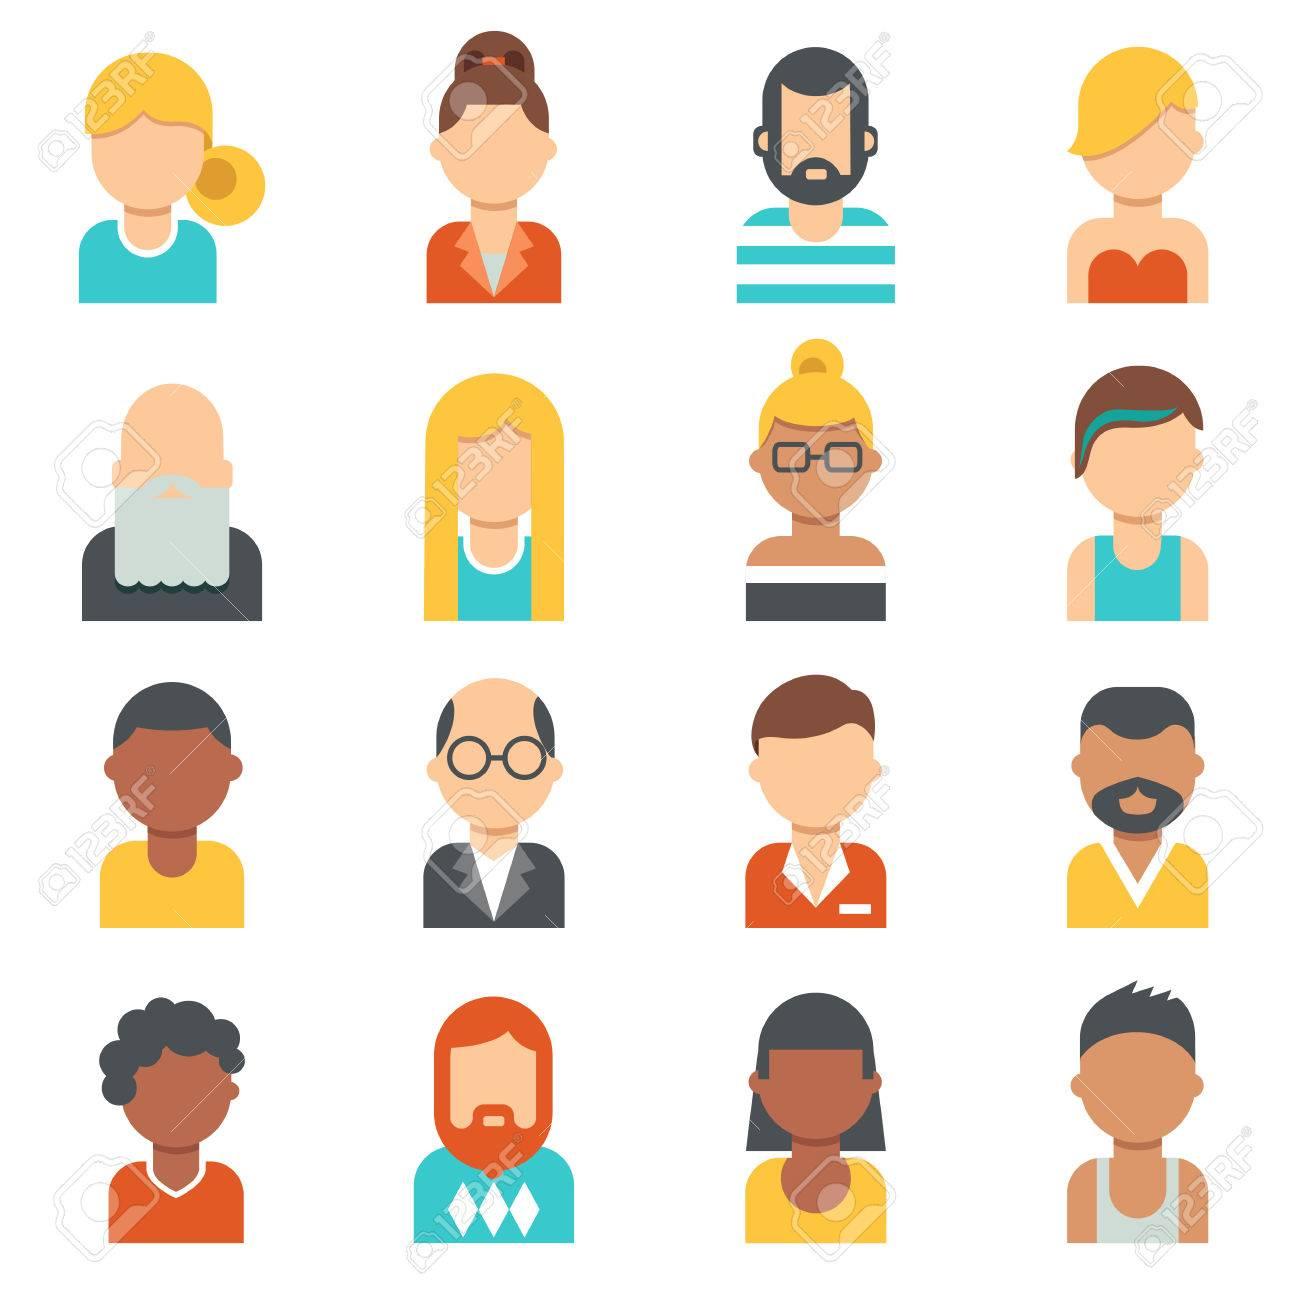 Menschen Ikonen Young Senioren Männer Und Frauen Bilder Profil